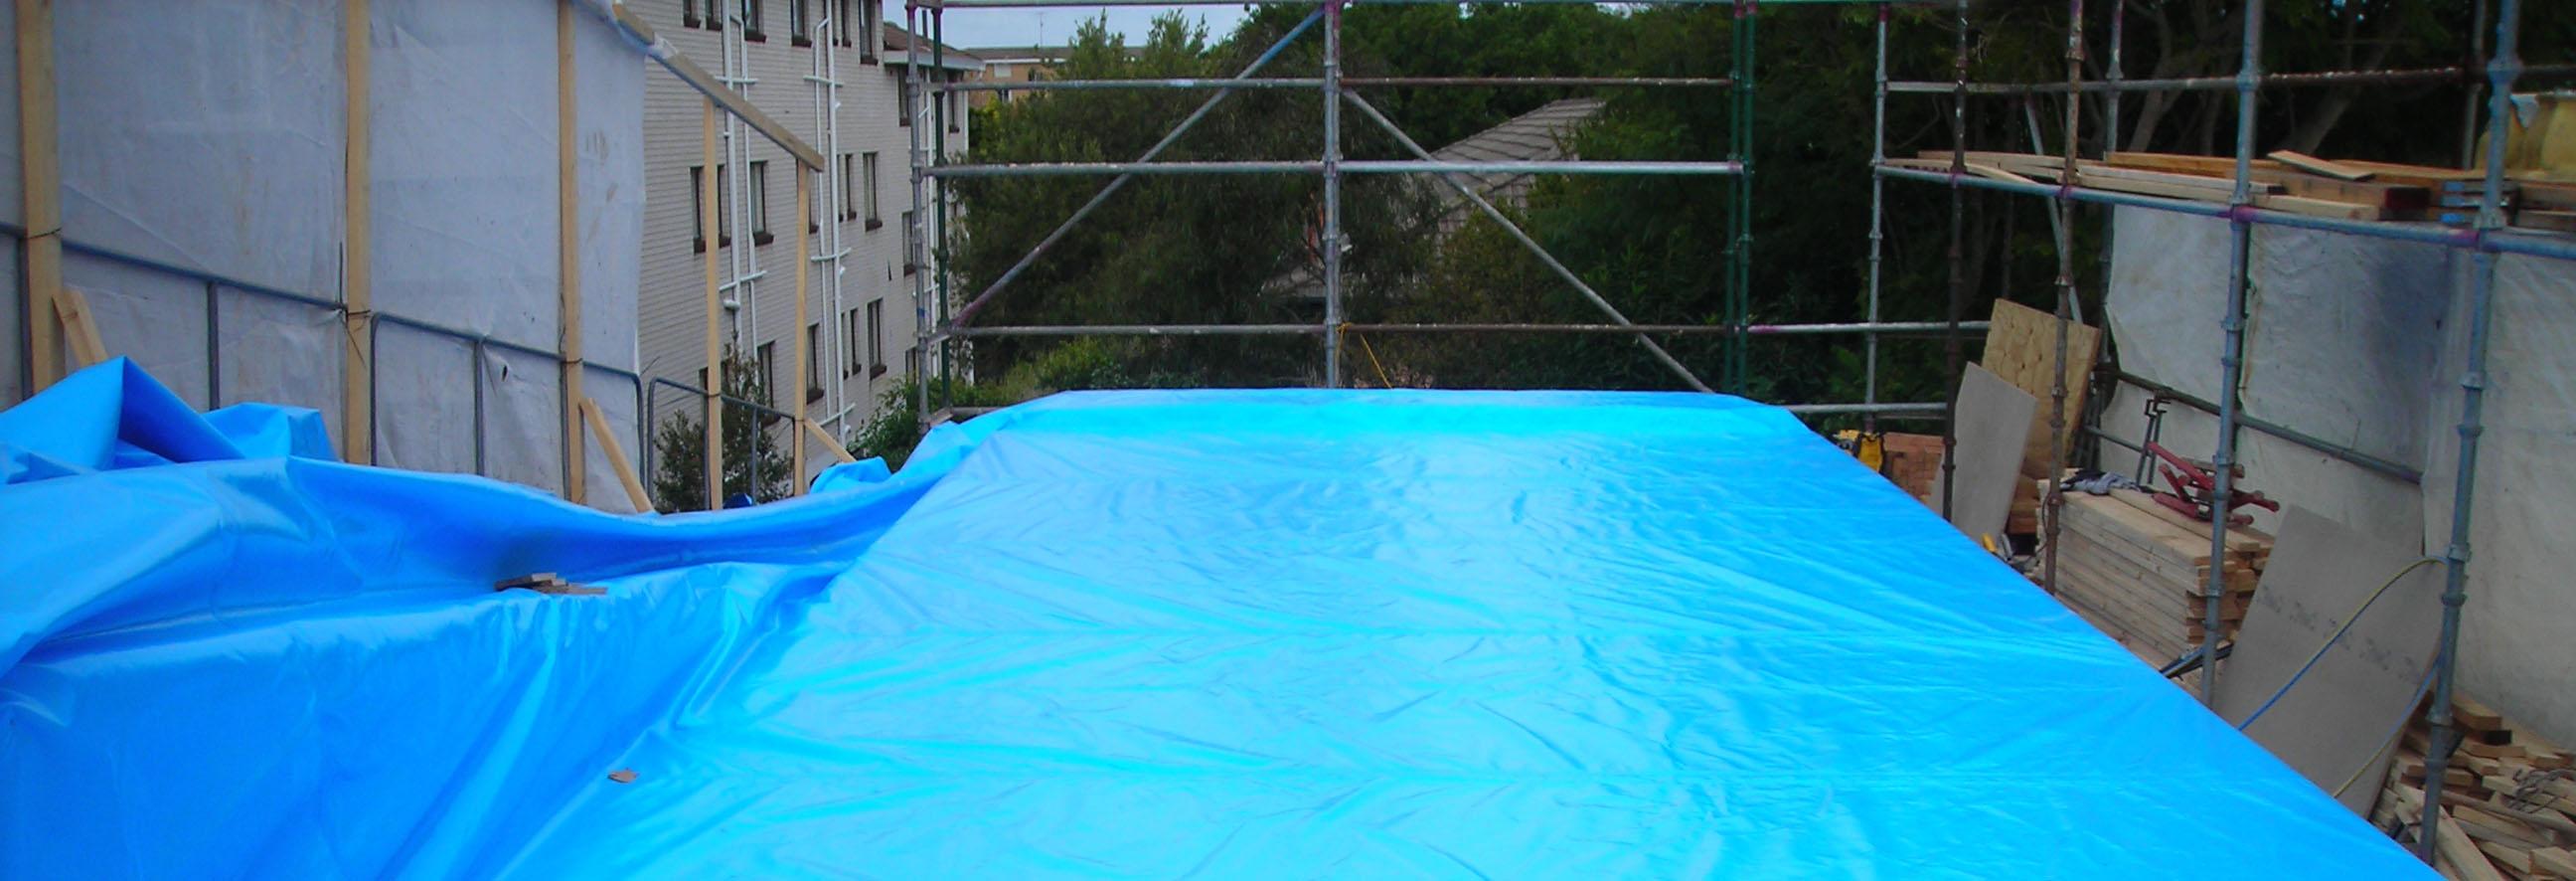 Floor sheet